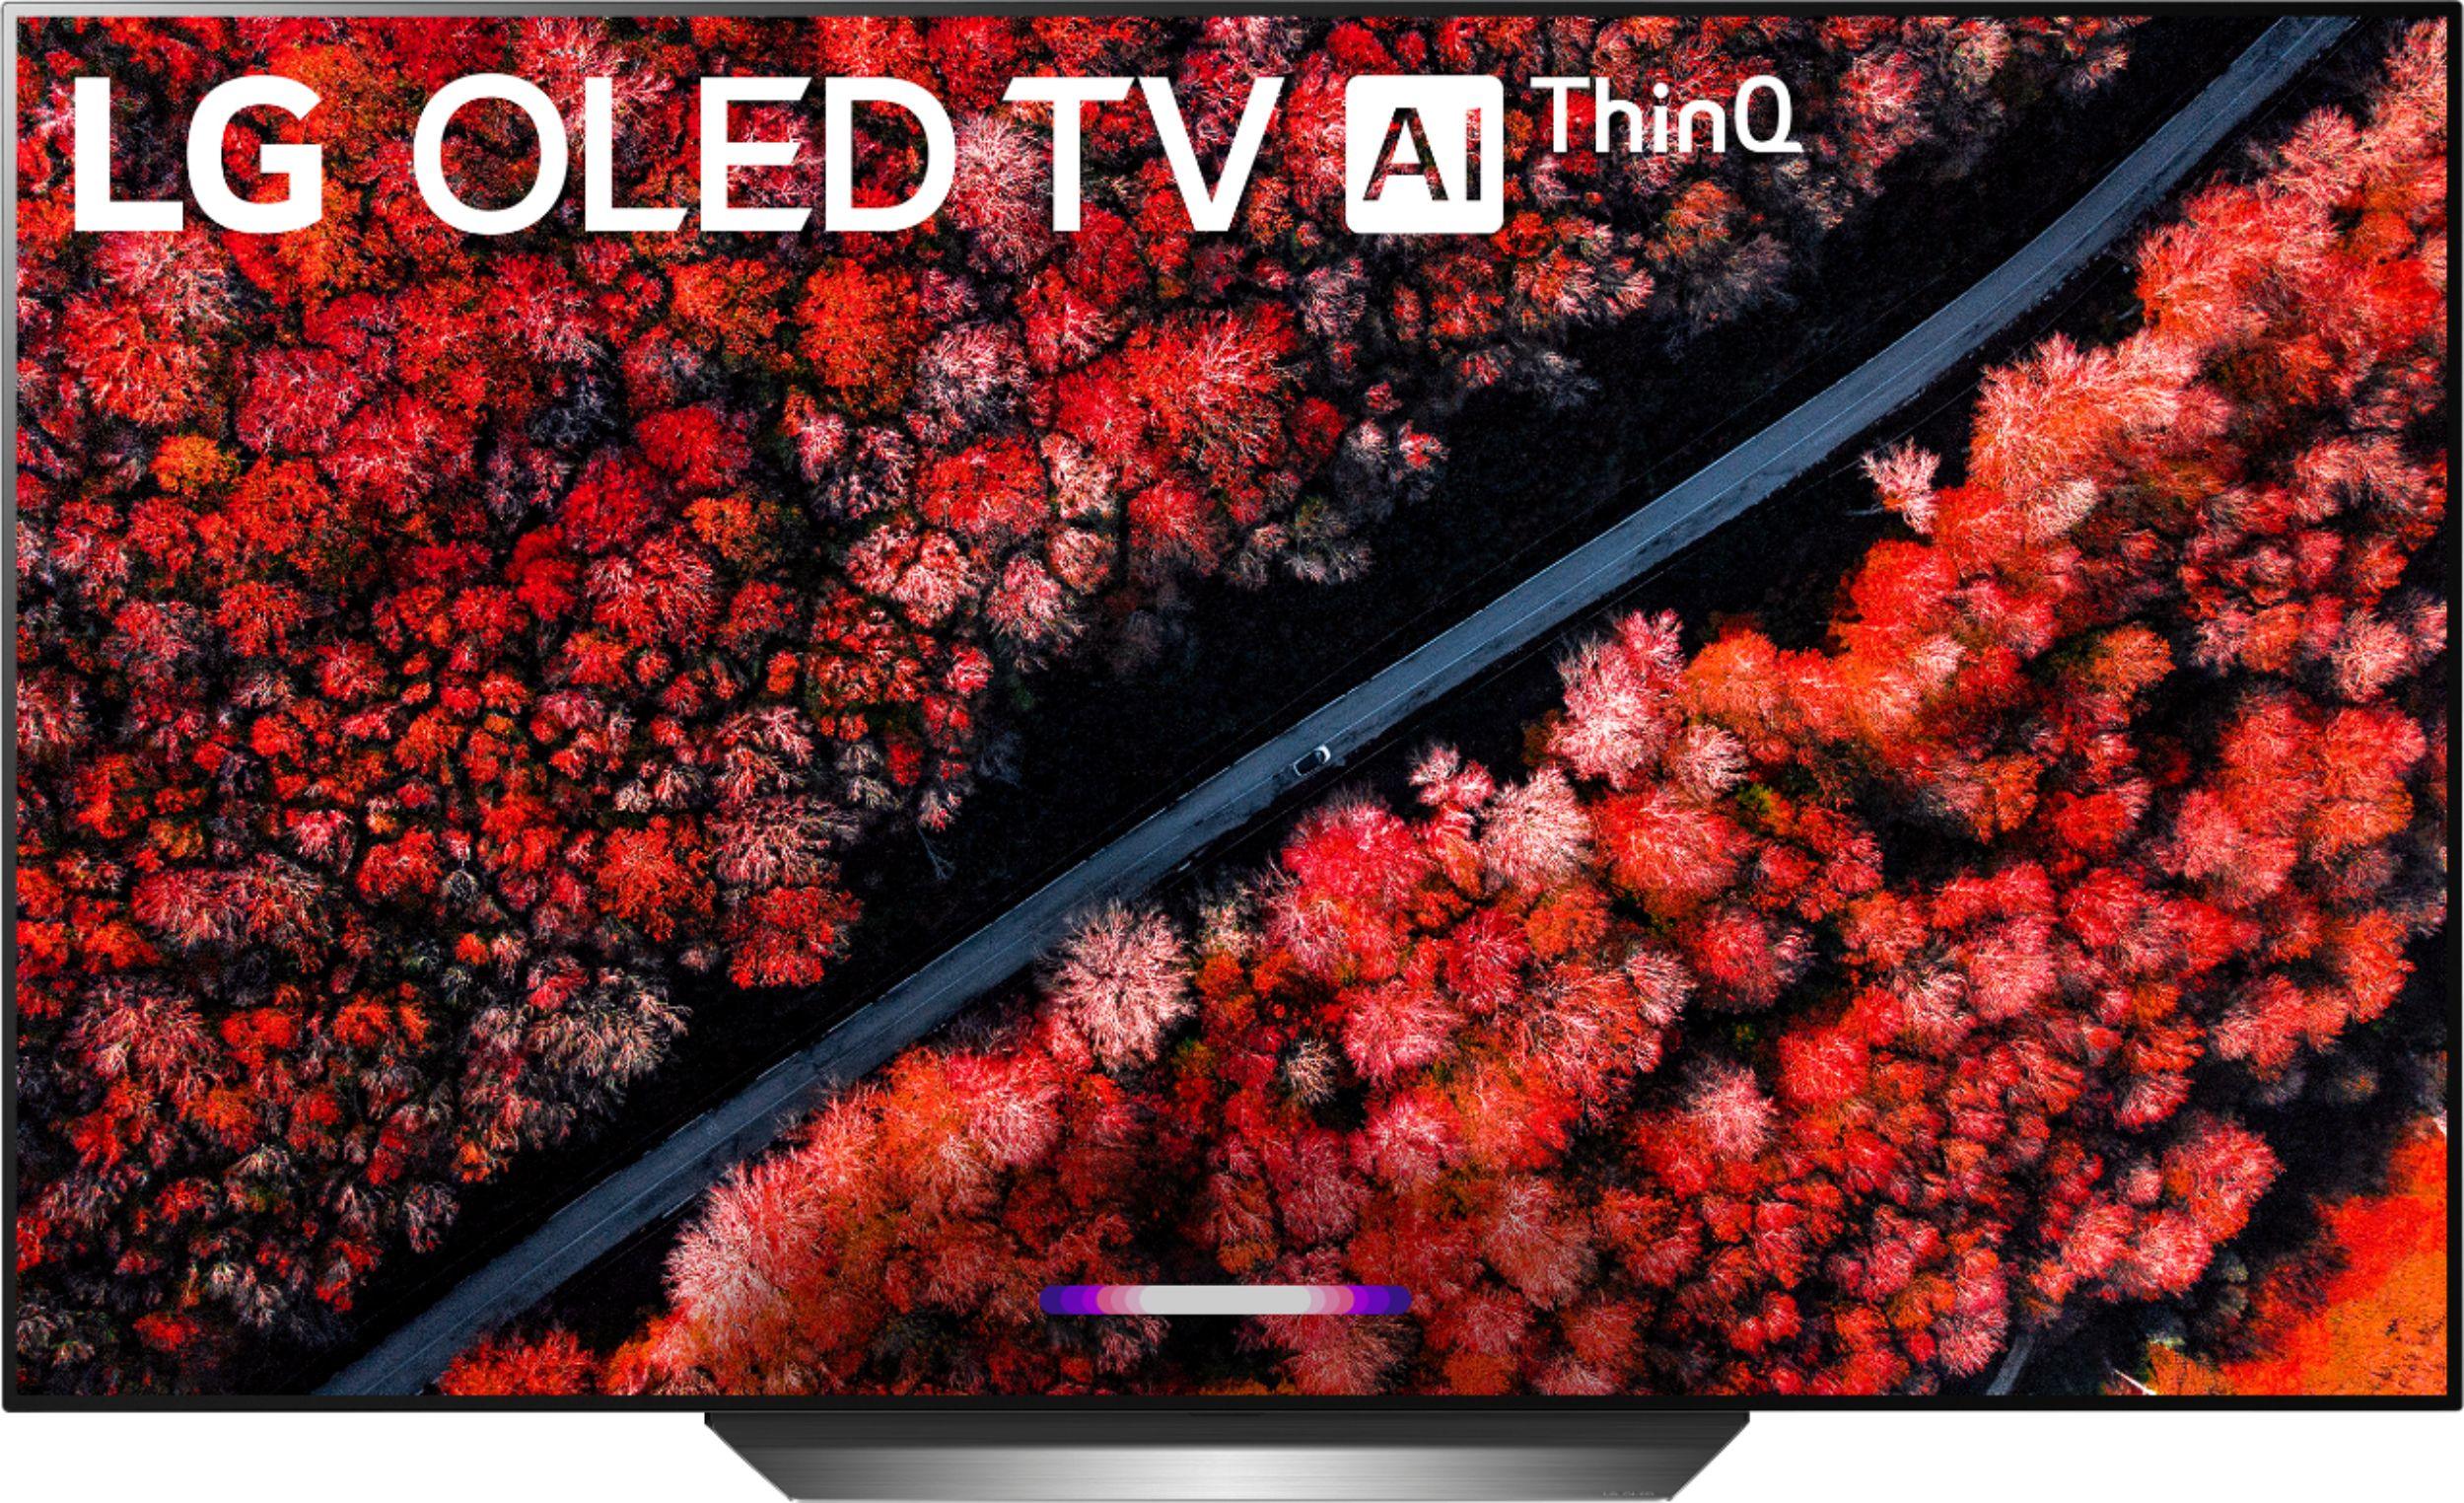 LG OLED55C9PLA - 1169 na cashback!